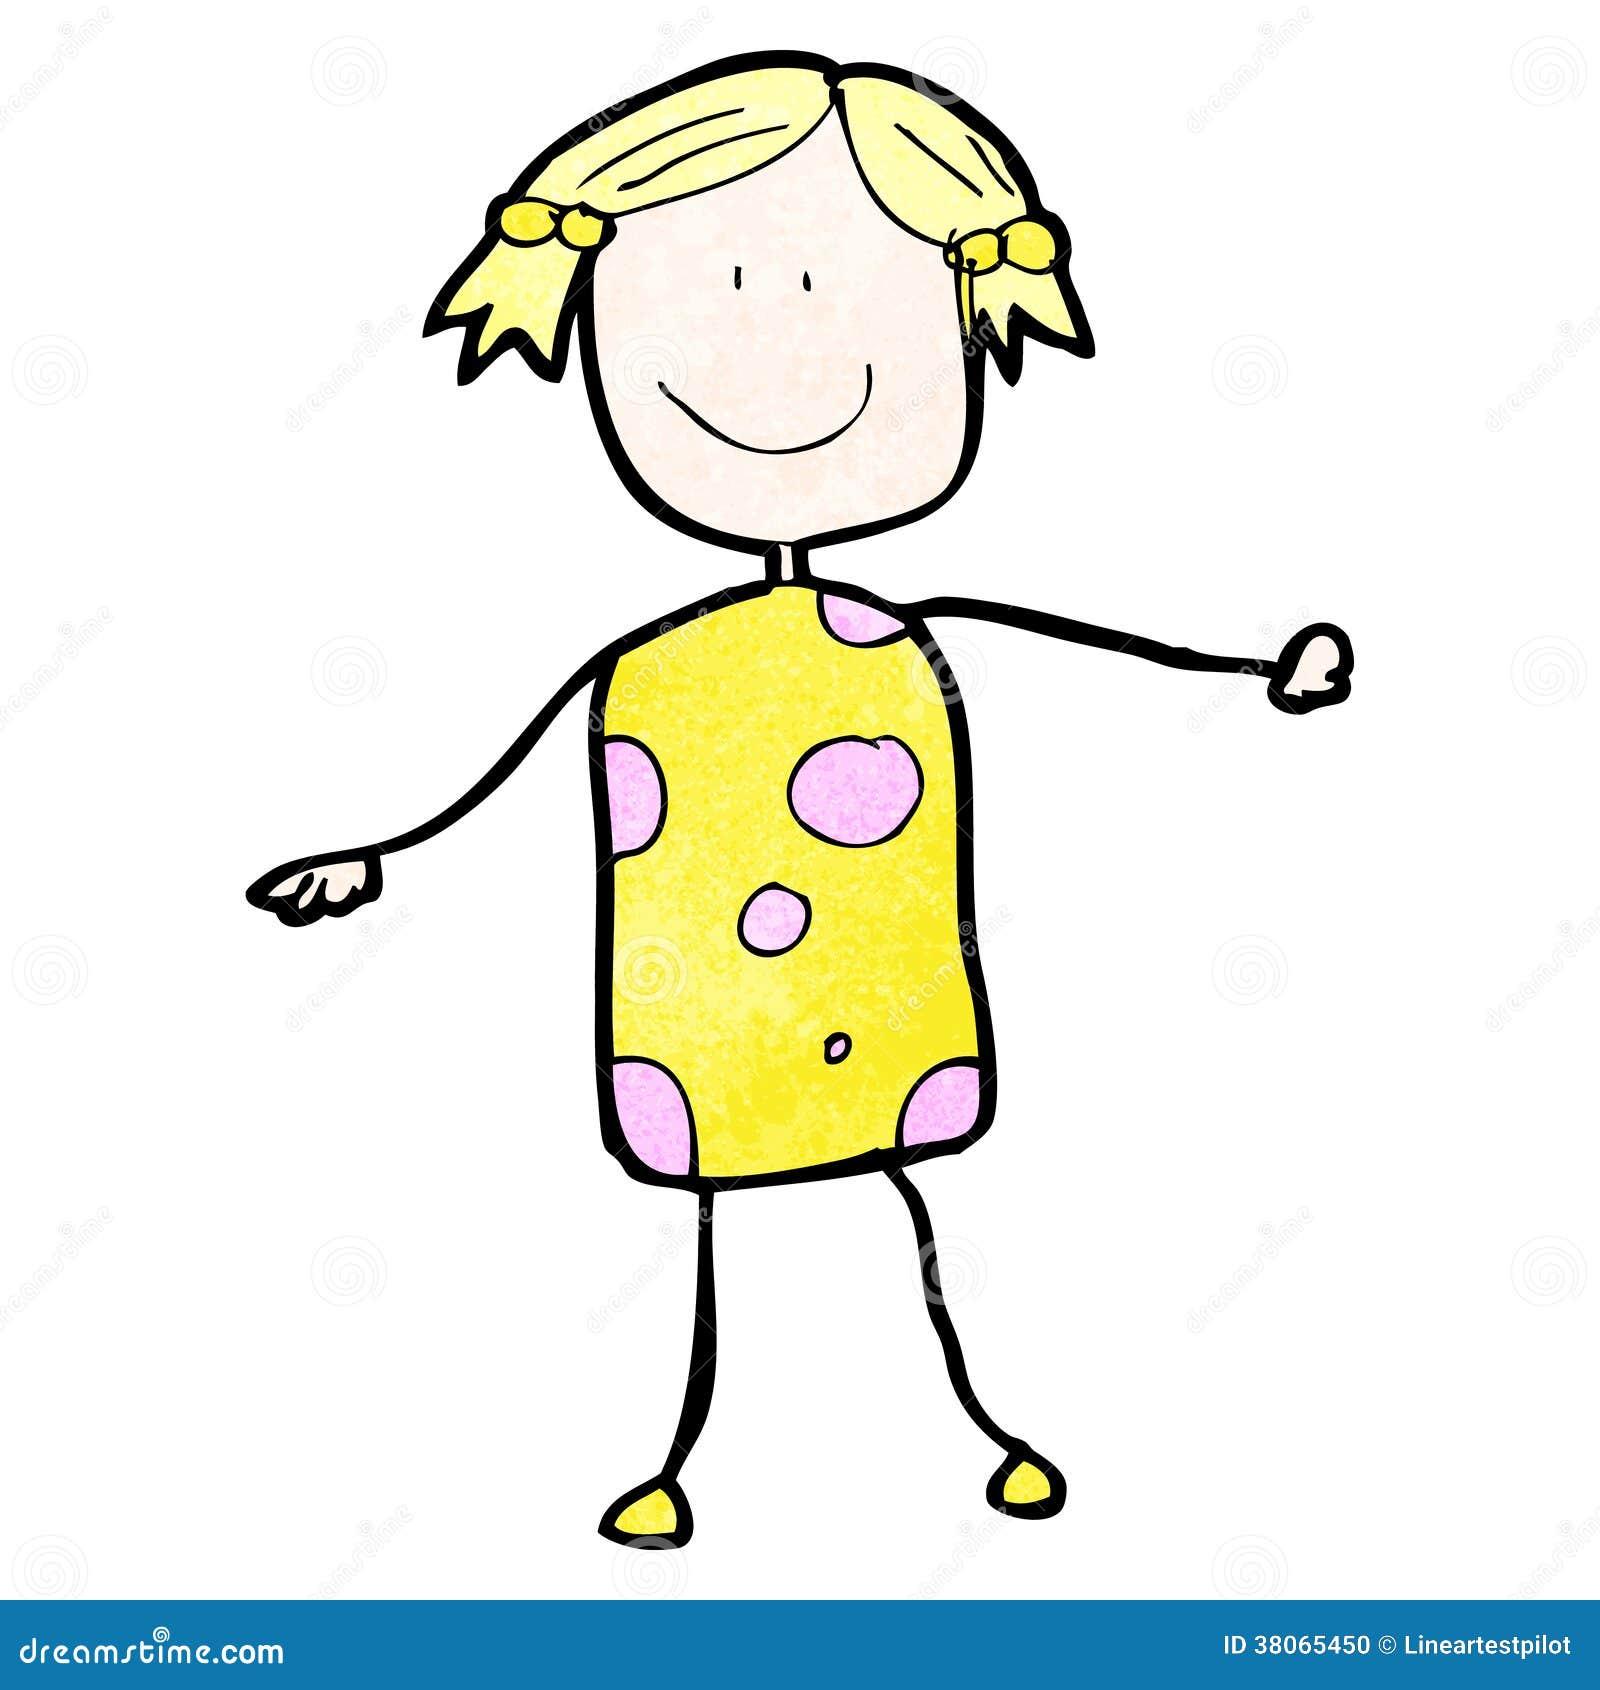 le dessin de l 39 enfant d 39 une femme illustration de vecteur illustration du traditionnel clip. Black Bedroom Furniture Sets. Home Design Ideas